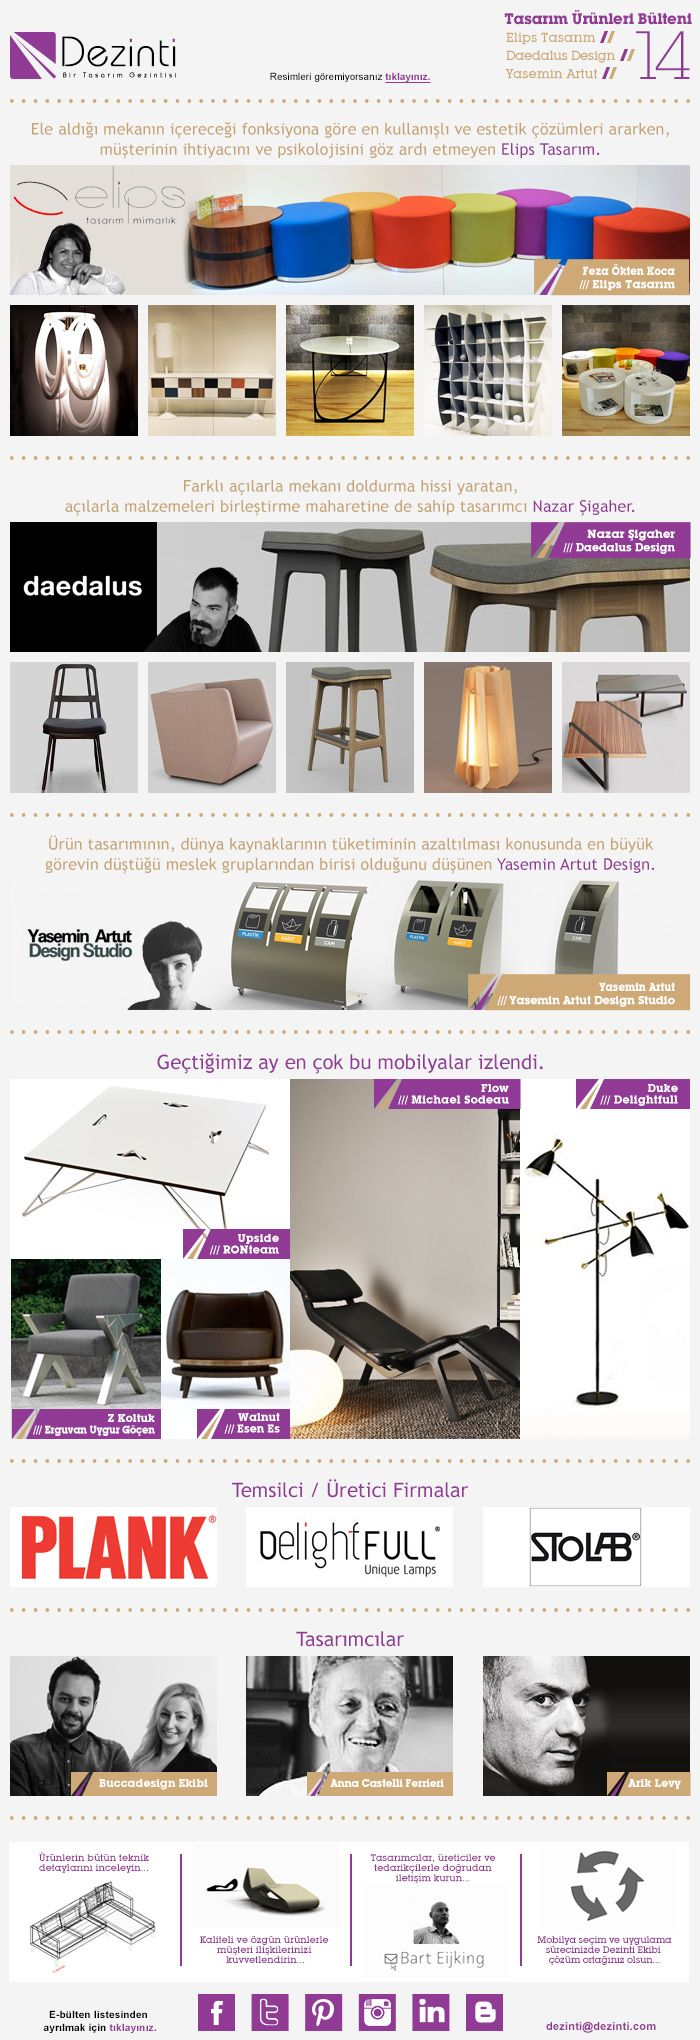 Elips Tasarım Mimarlık - Daedalus - Yasemin Artut Design Studio